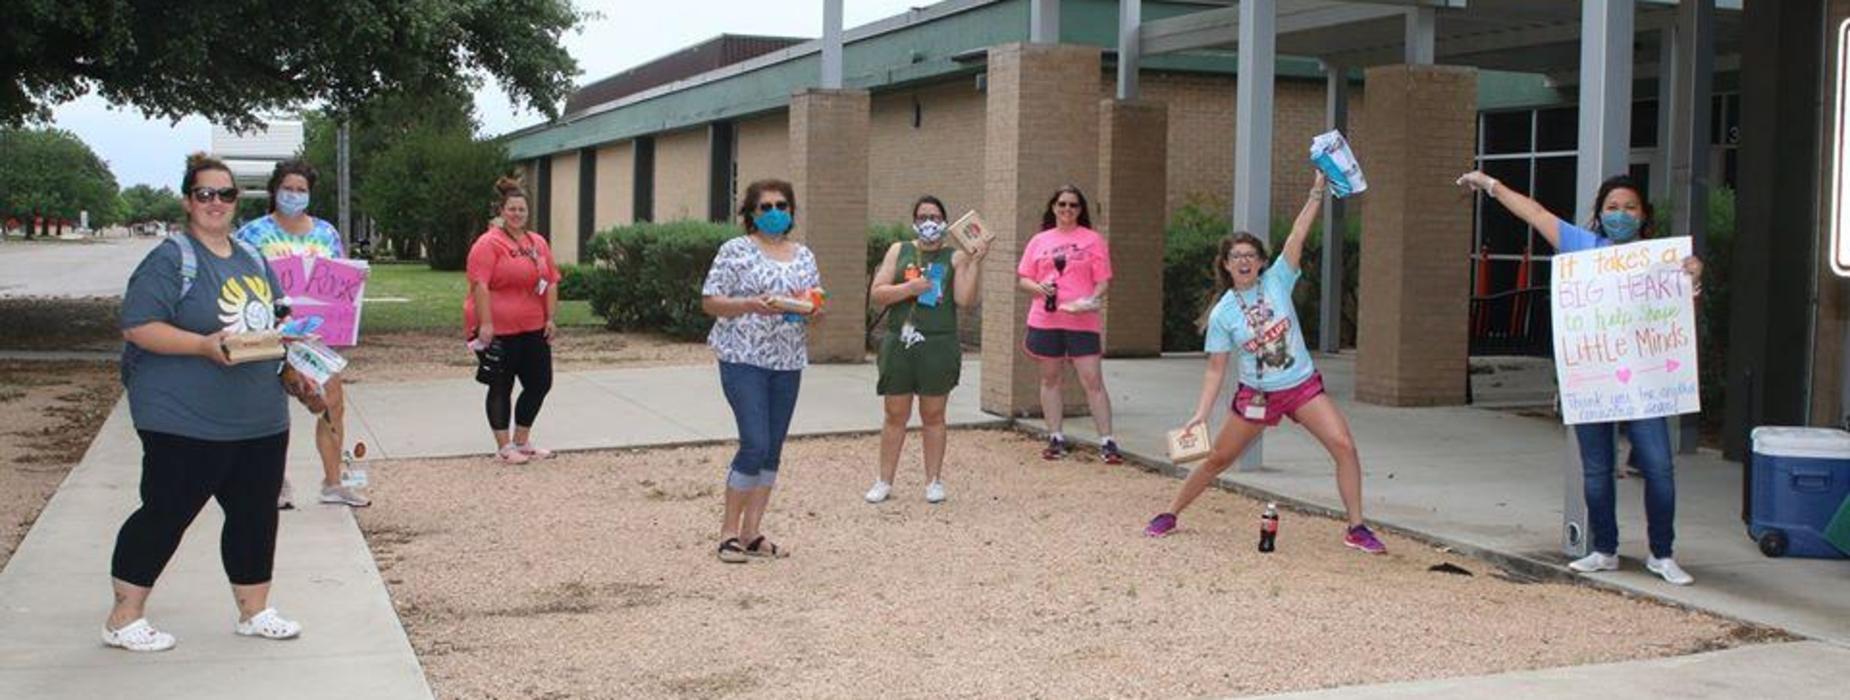 Teachers in front of school.